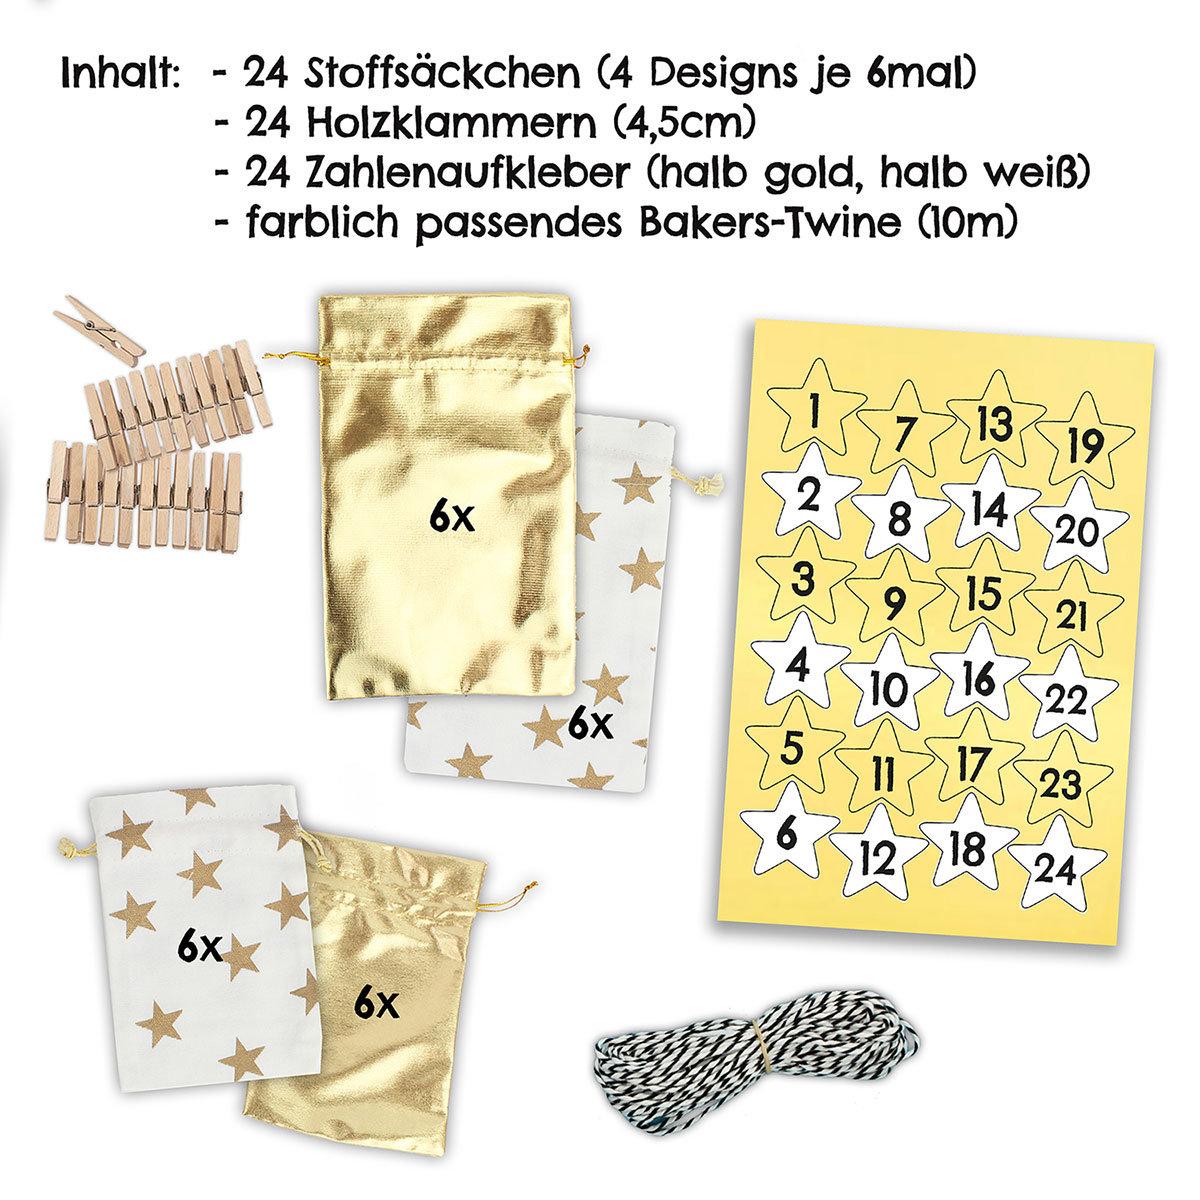 24 adventskalender stoffs ckchen zum aufh ngen mit wei en sternchen papierdrachen. Black Bedroom Furniture Sets. Home Design Ideas